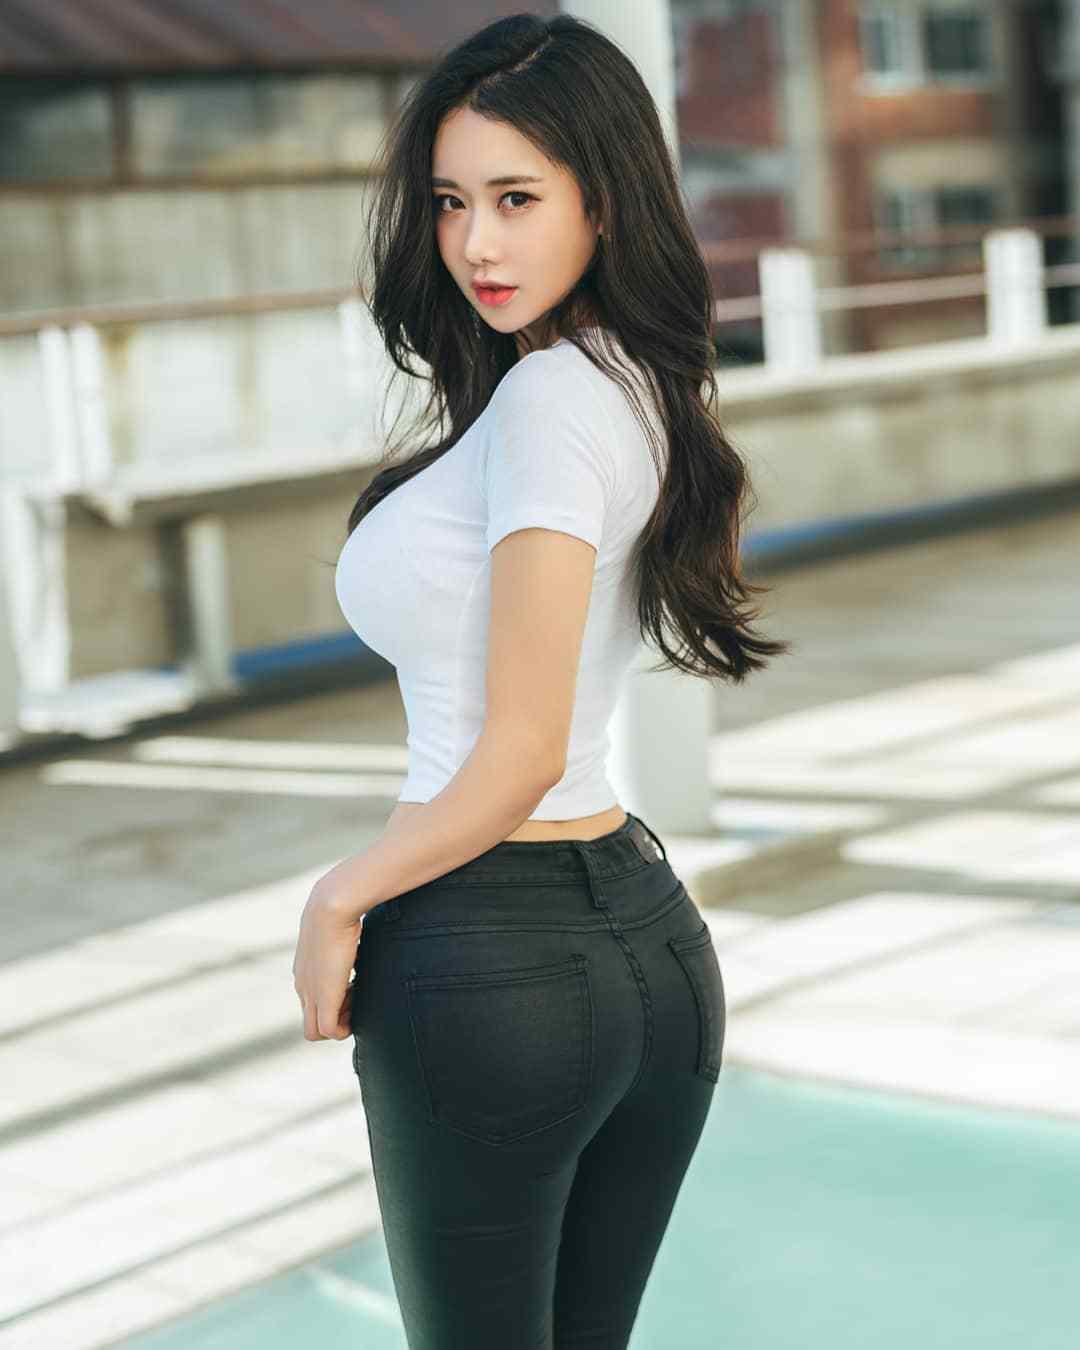 美女被插删除删除_韩国美女大学生,身高165cm体重120斤,健身助她走上人生巅峰!